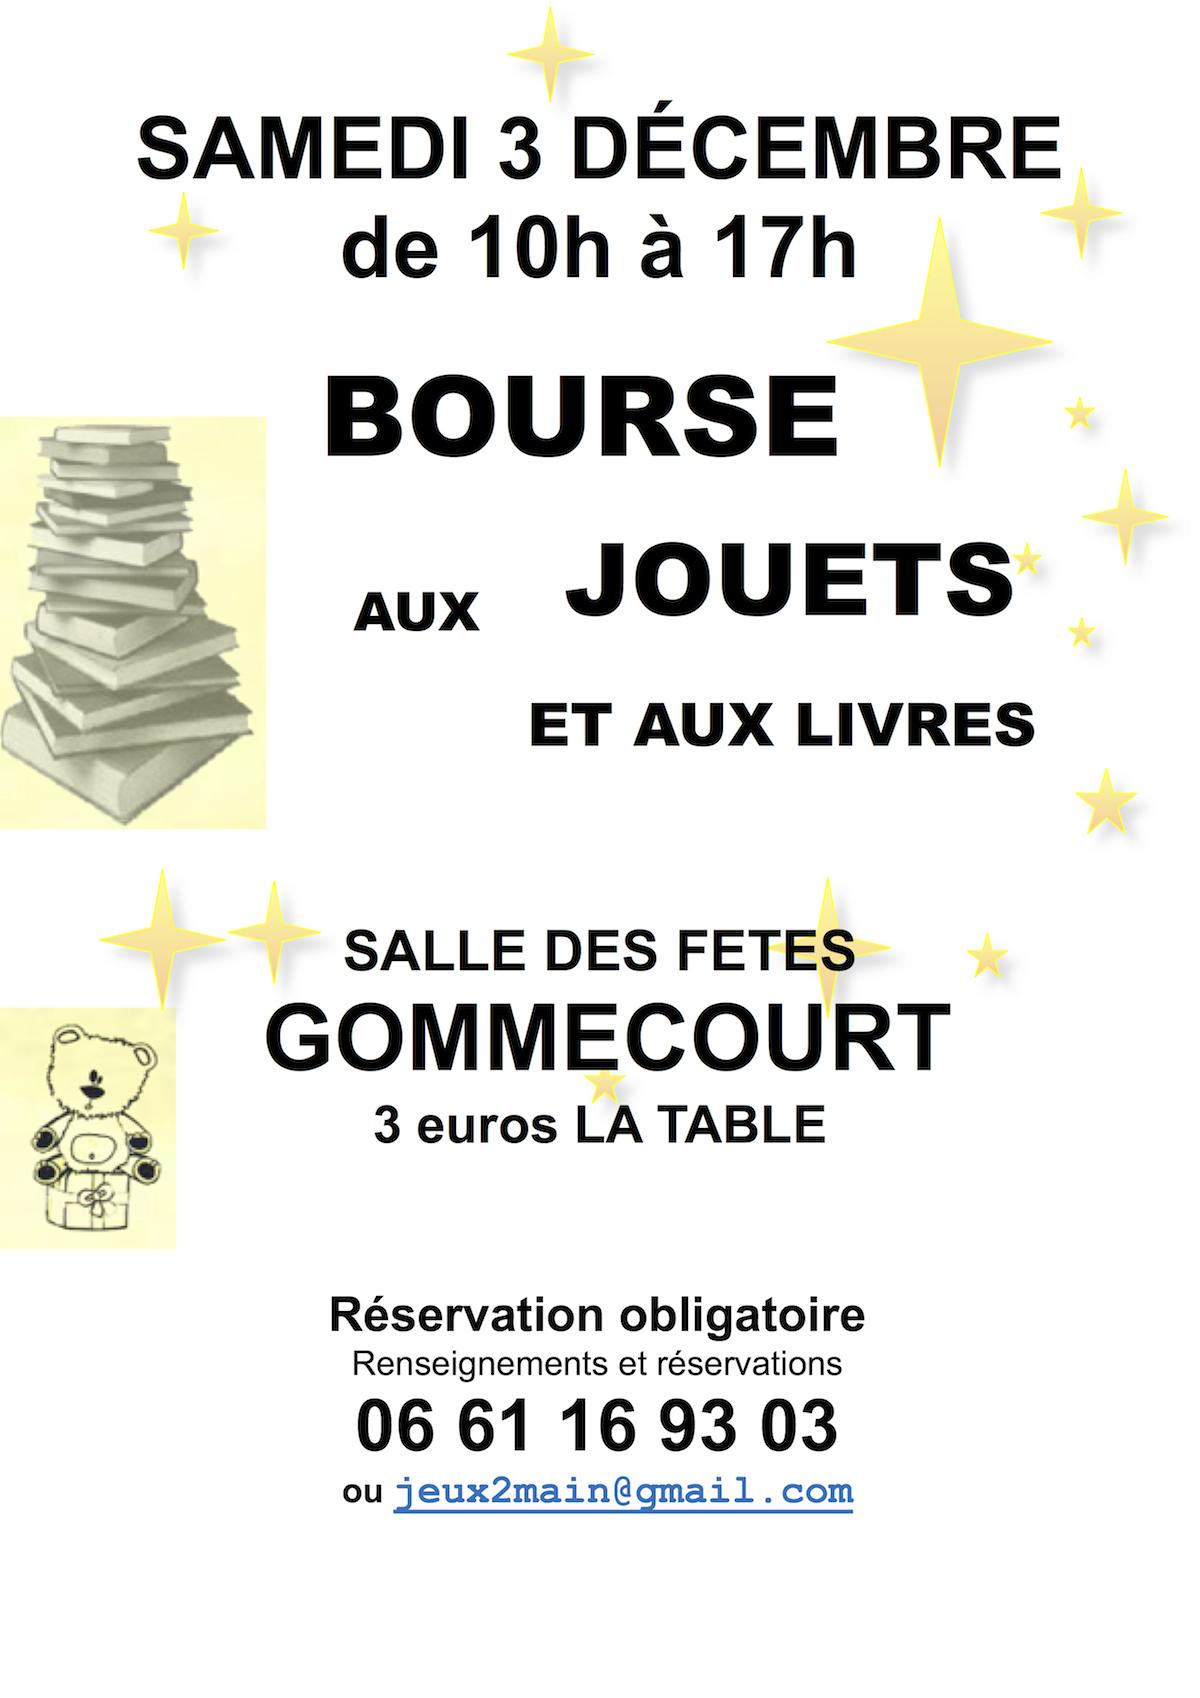 affiche-bourse-a4